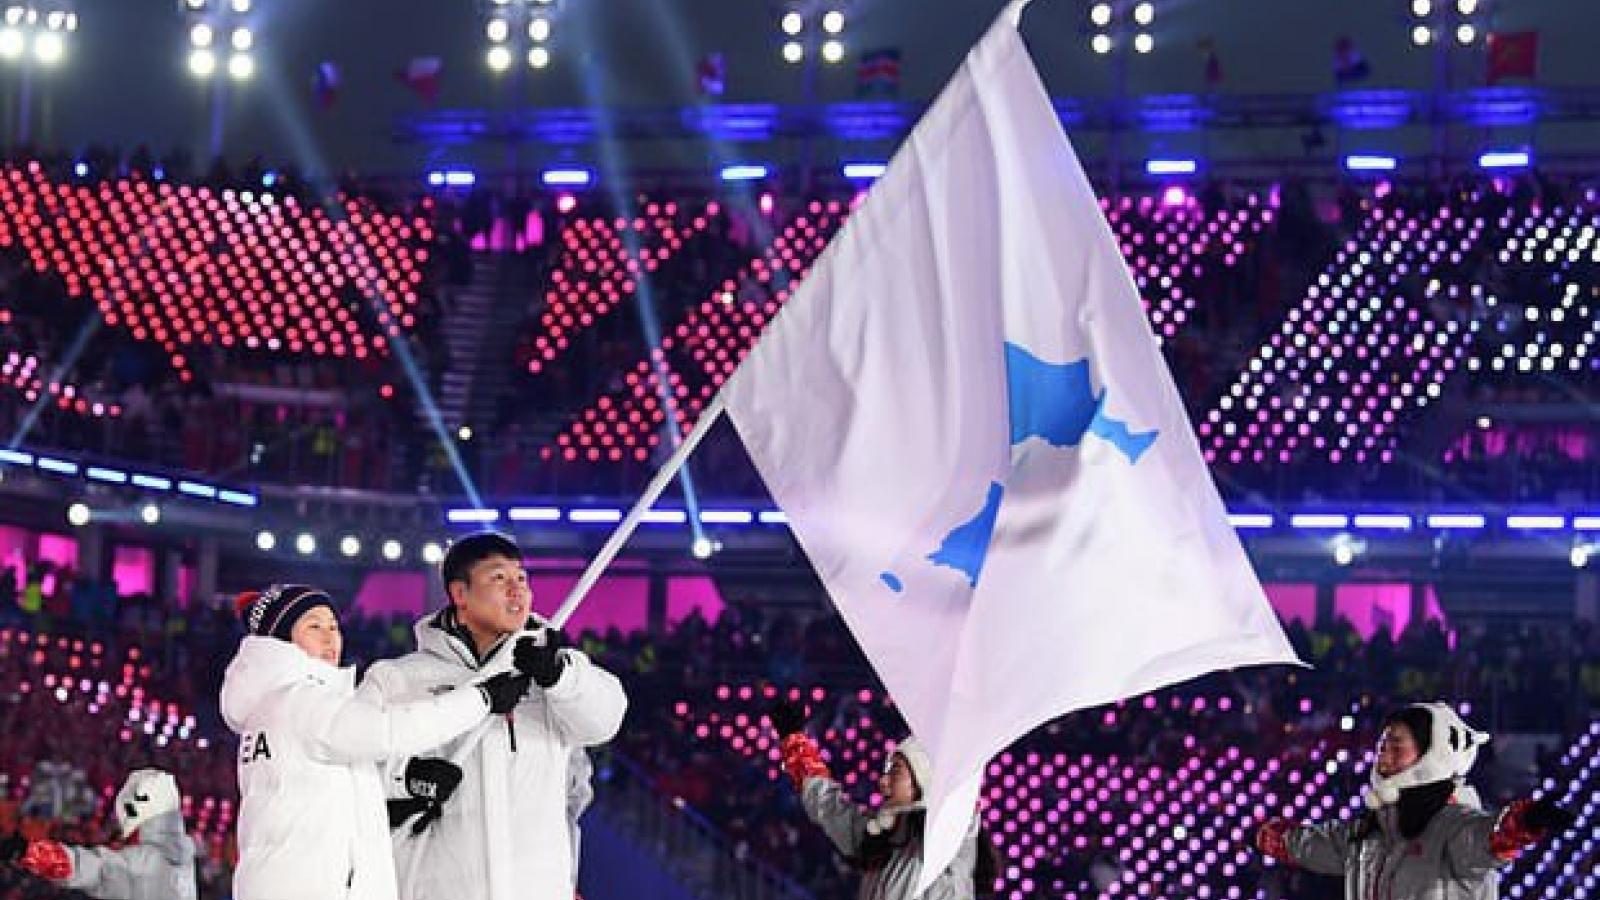 Triều Tiên thông báo không tham gia Thế vận hội Tokyo